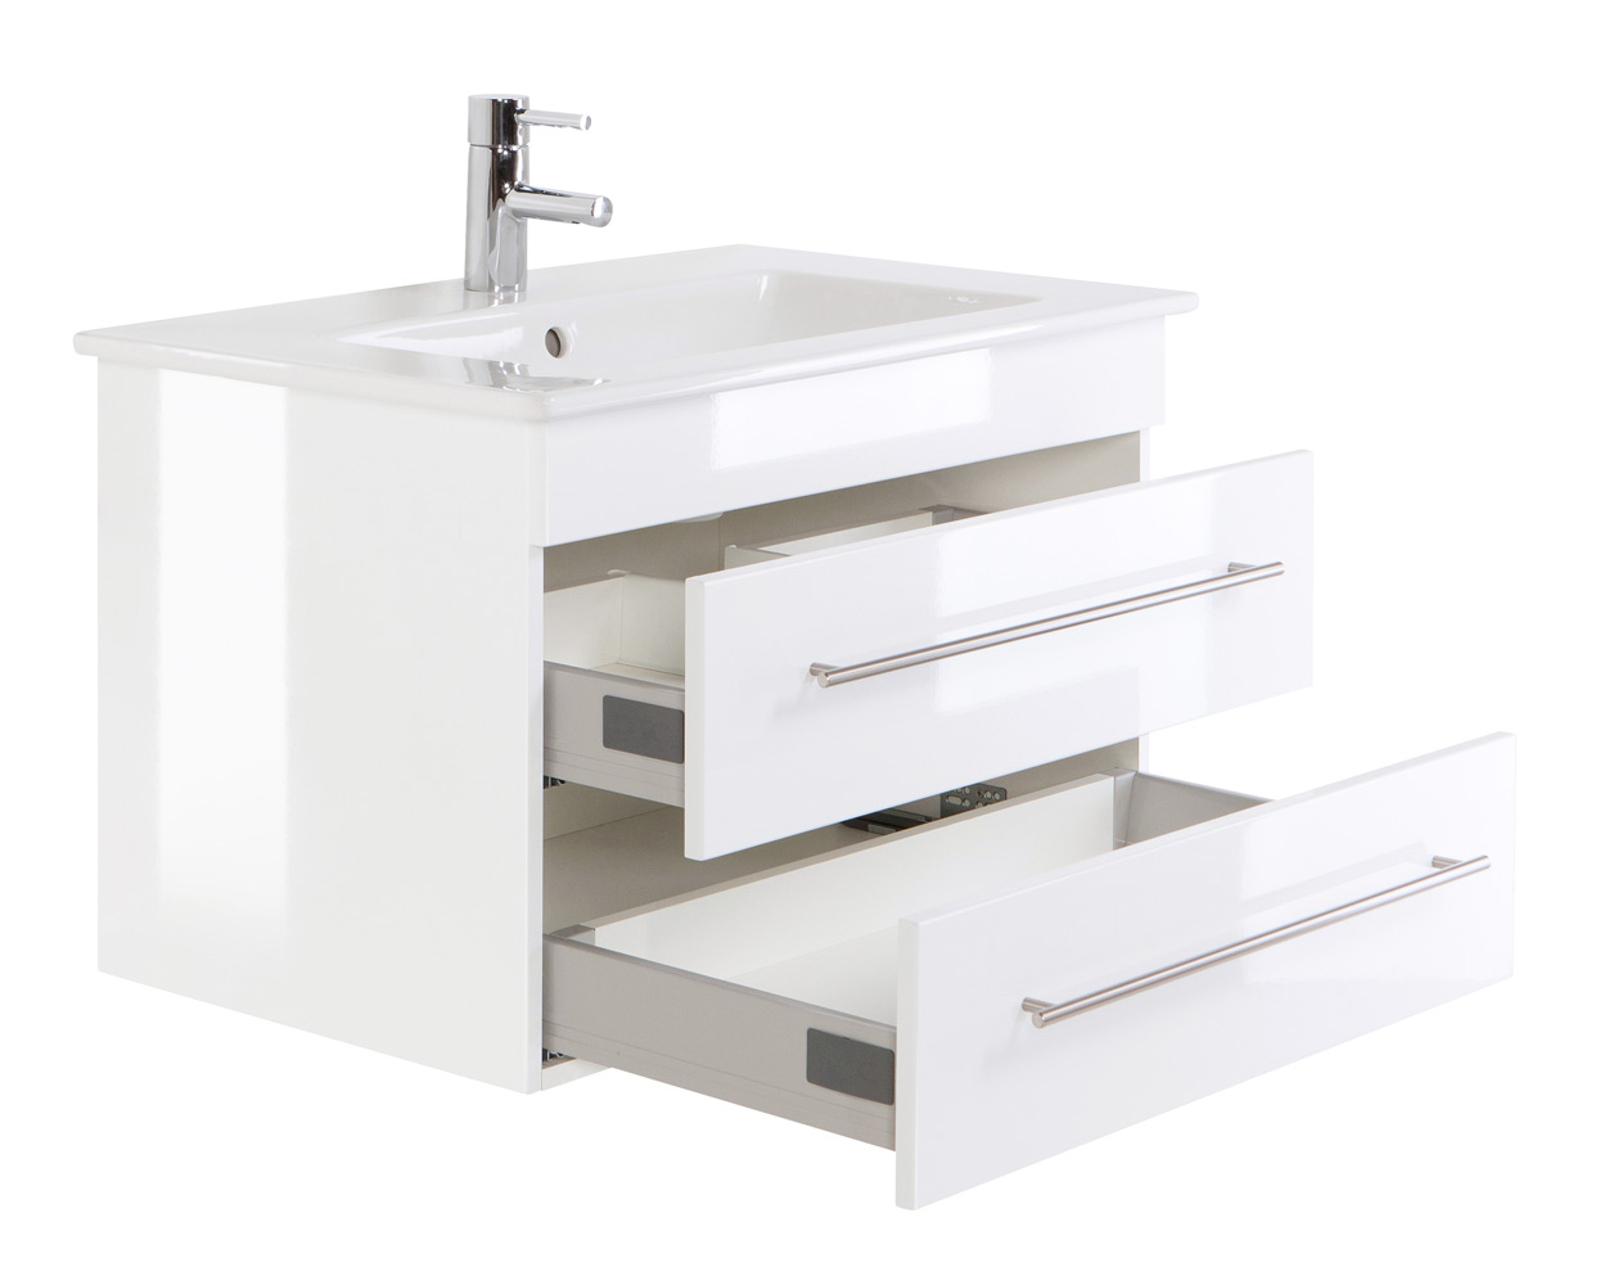 bad waschtisch mit villeroy boch becken venticello 80 cm breit wei bad waschtische. Black Bedroom Furniture Sets. Home Design Ideas